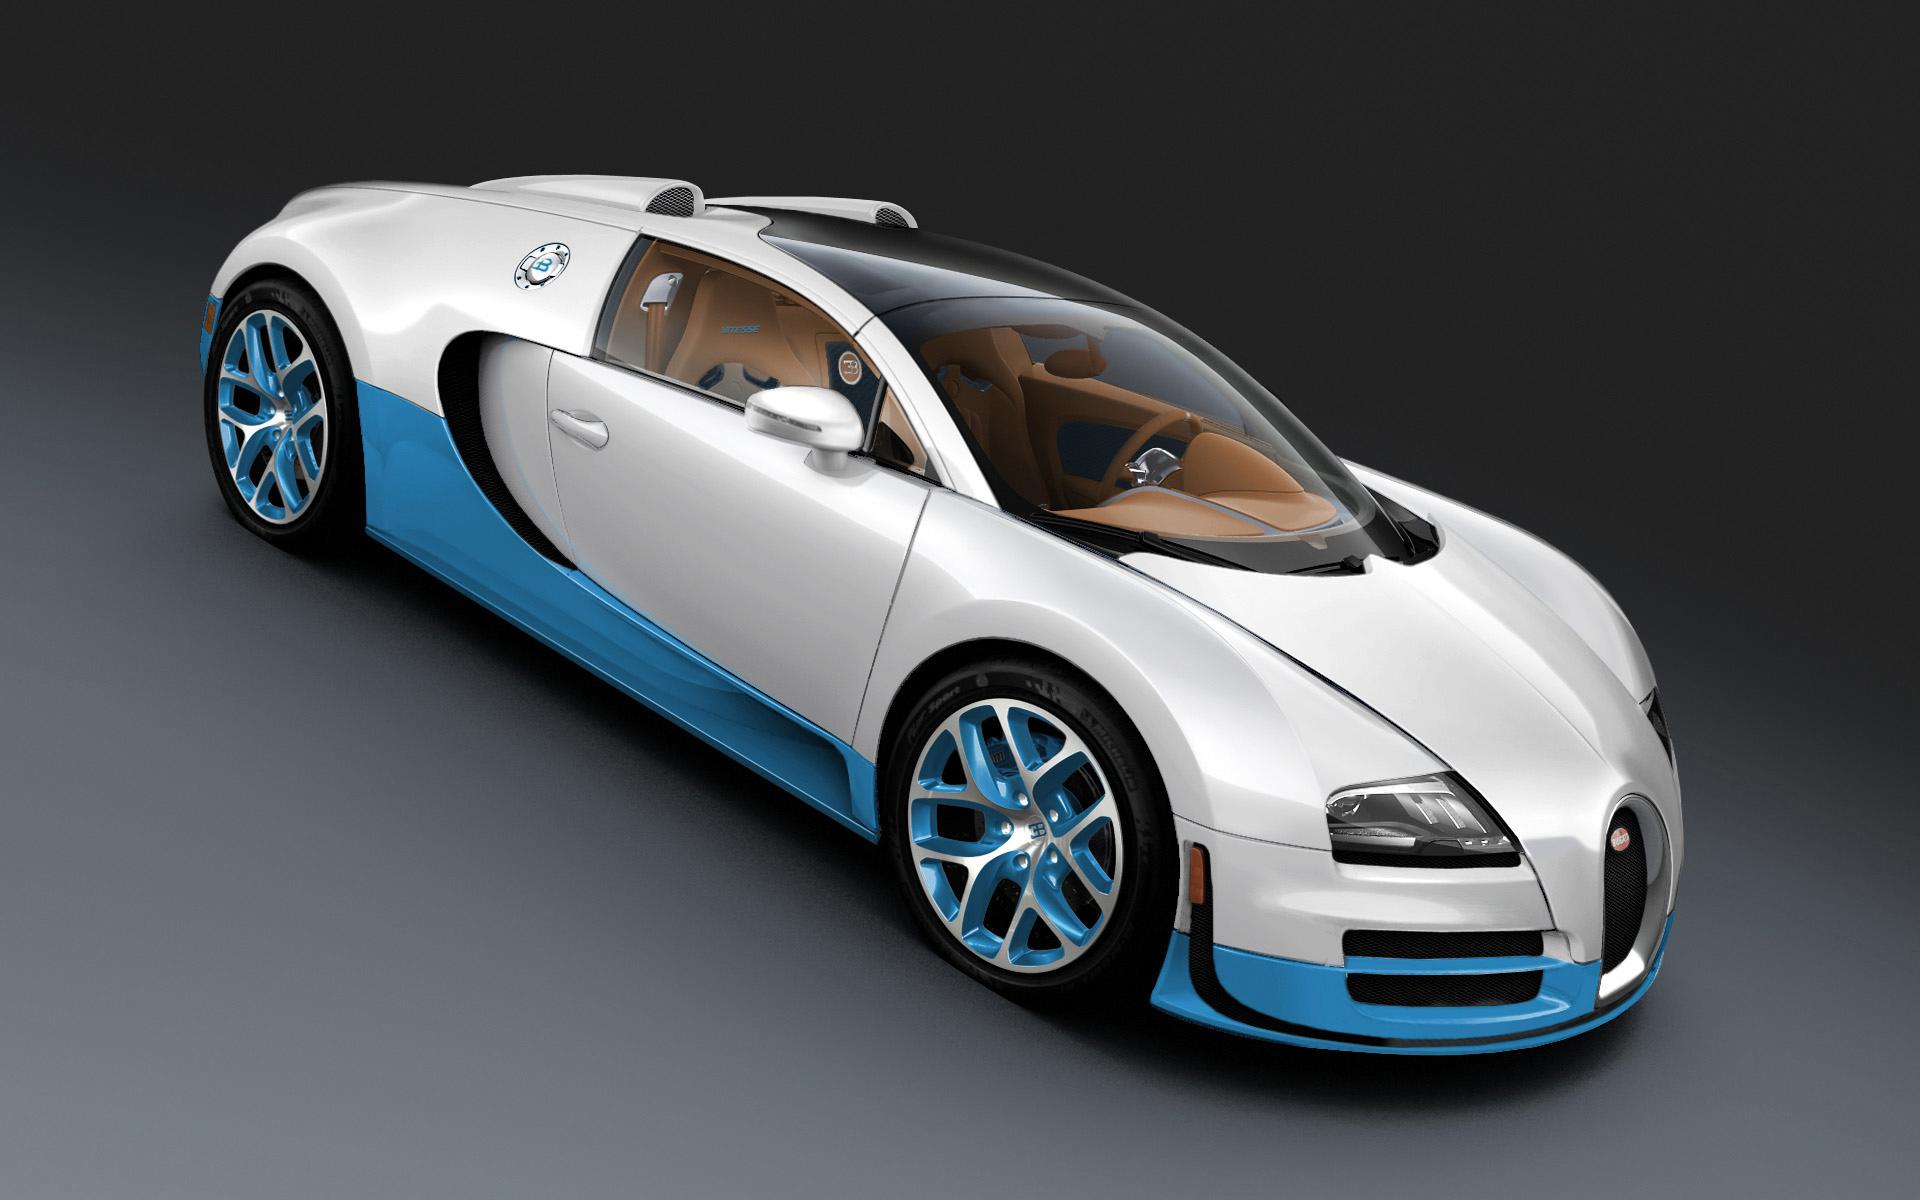 2012 Bugatti Veyron Grand Sport Vitesse Bianco Wallpaper ...